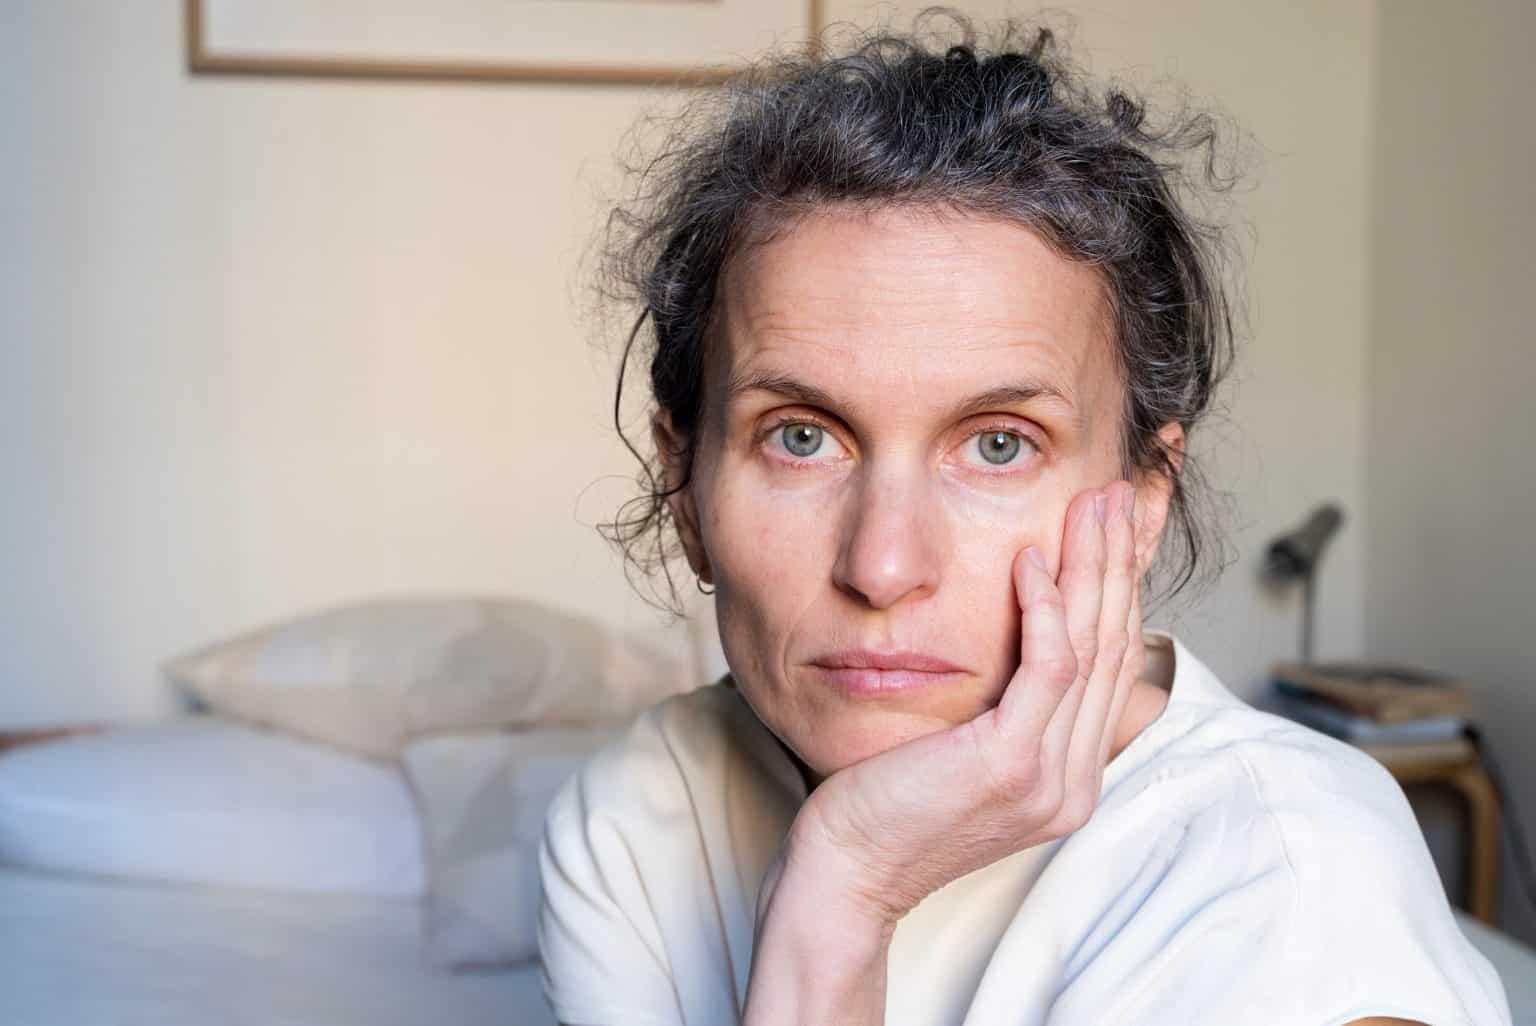 middle age woman - abuse survivor